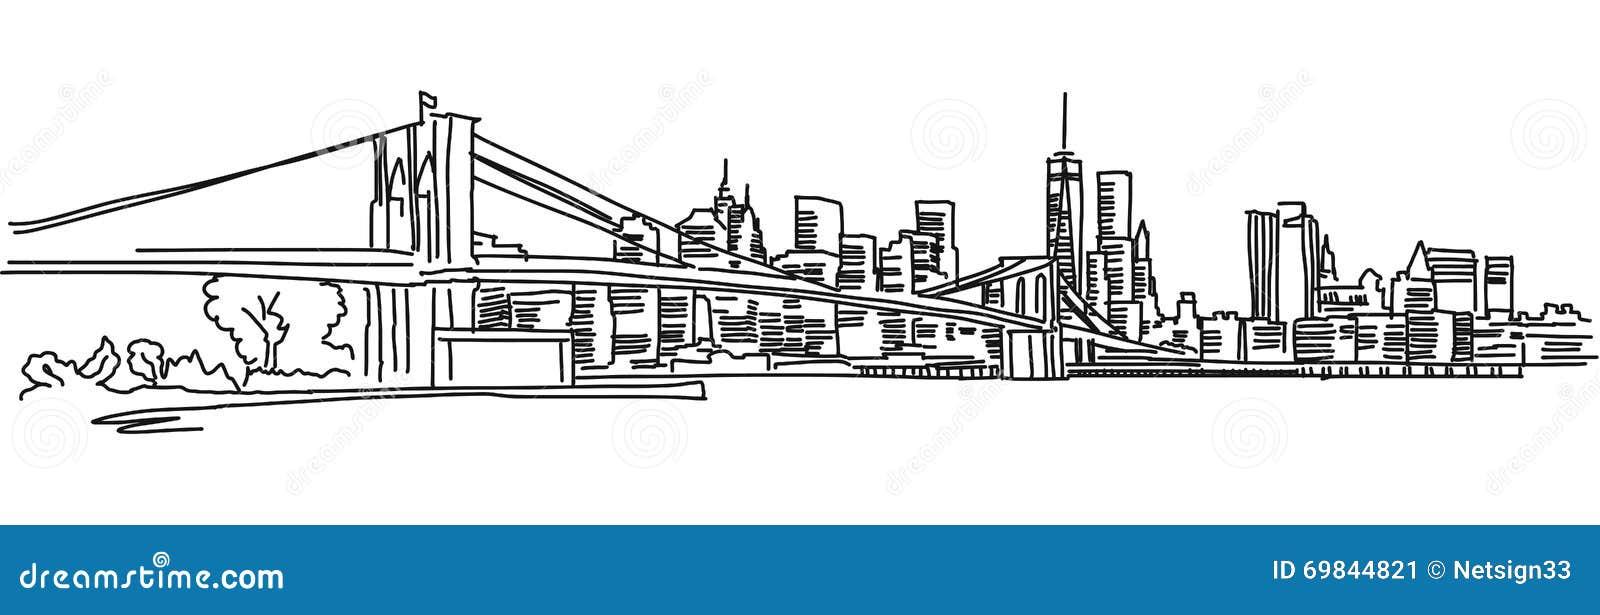 Panorama De Nueva York Con El Puente De Brooklyn Ilustración del ...